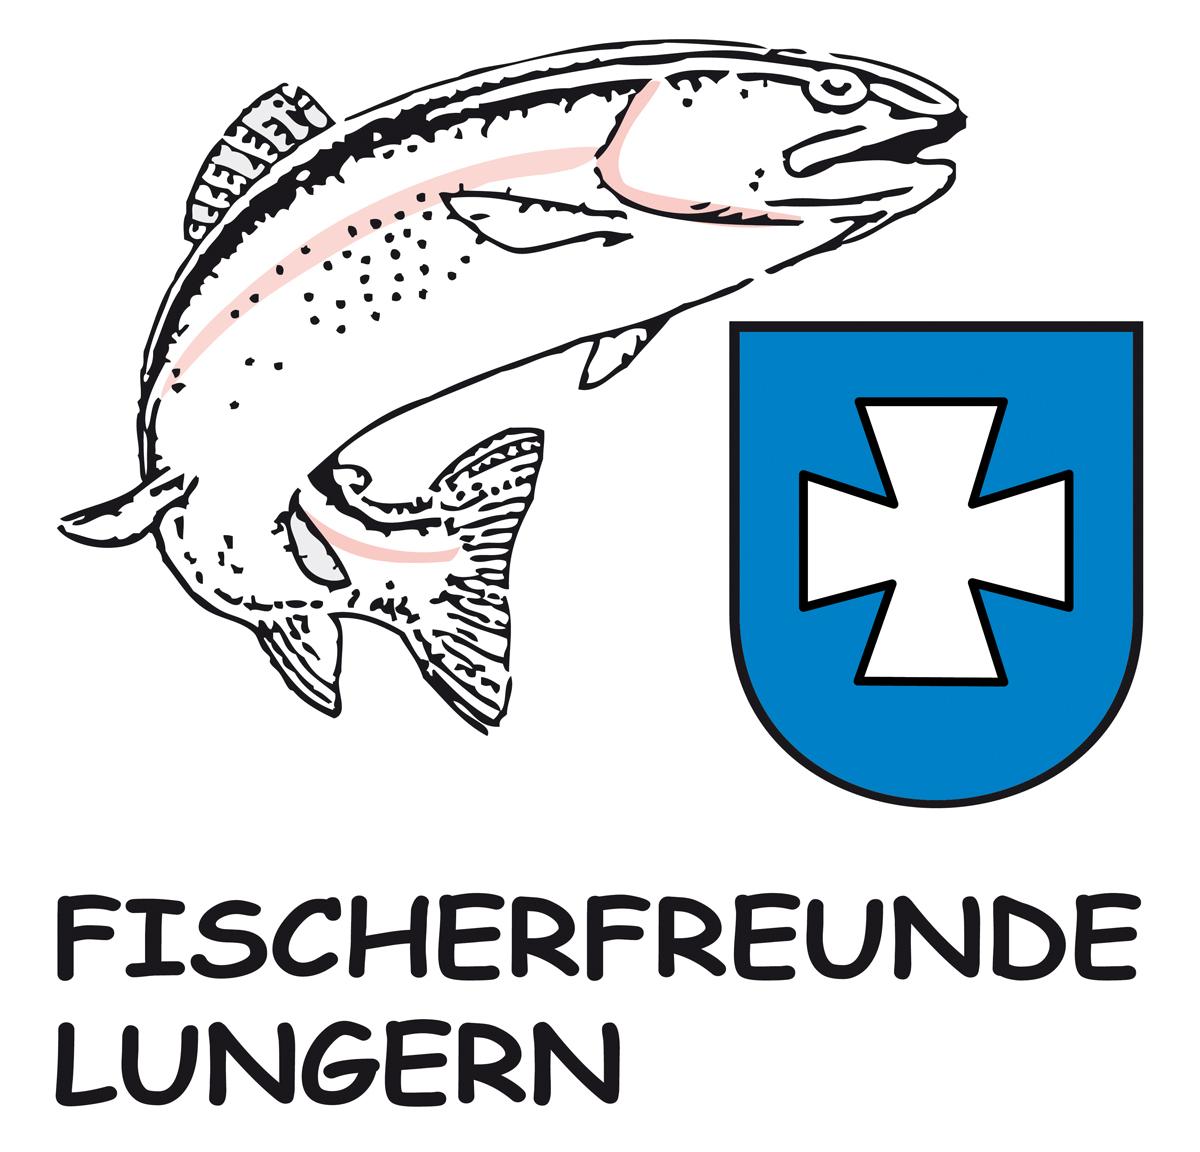 Fischerfreunde-lungern